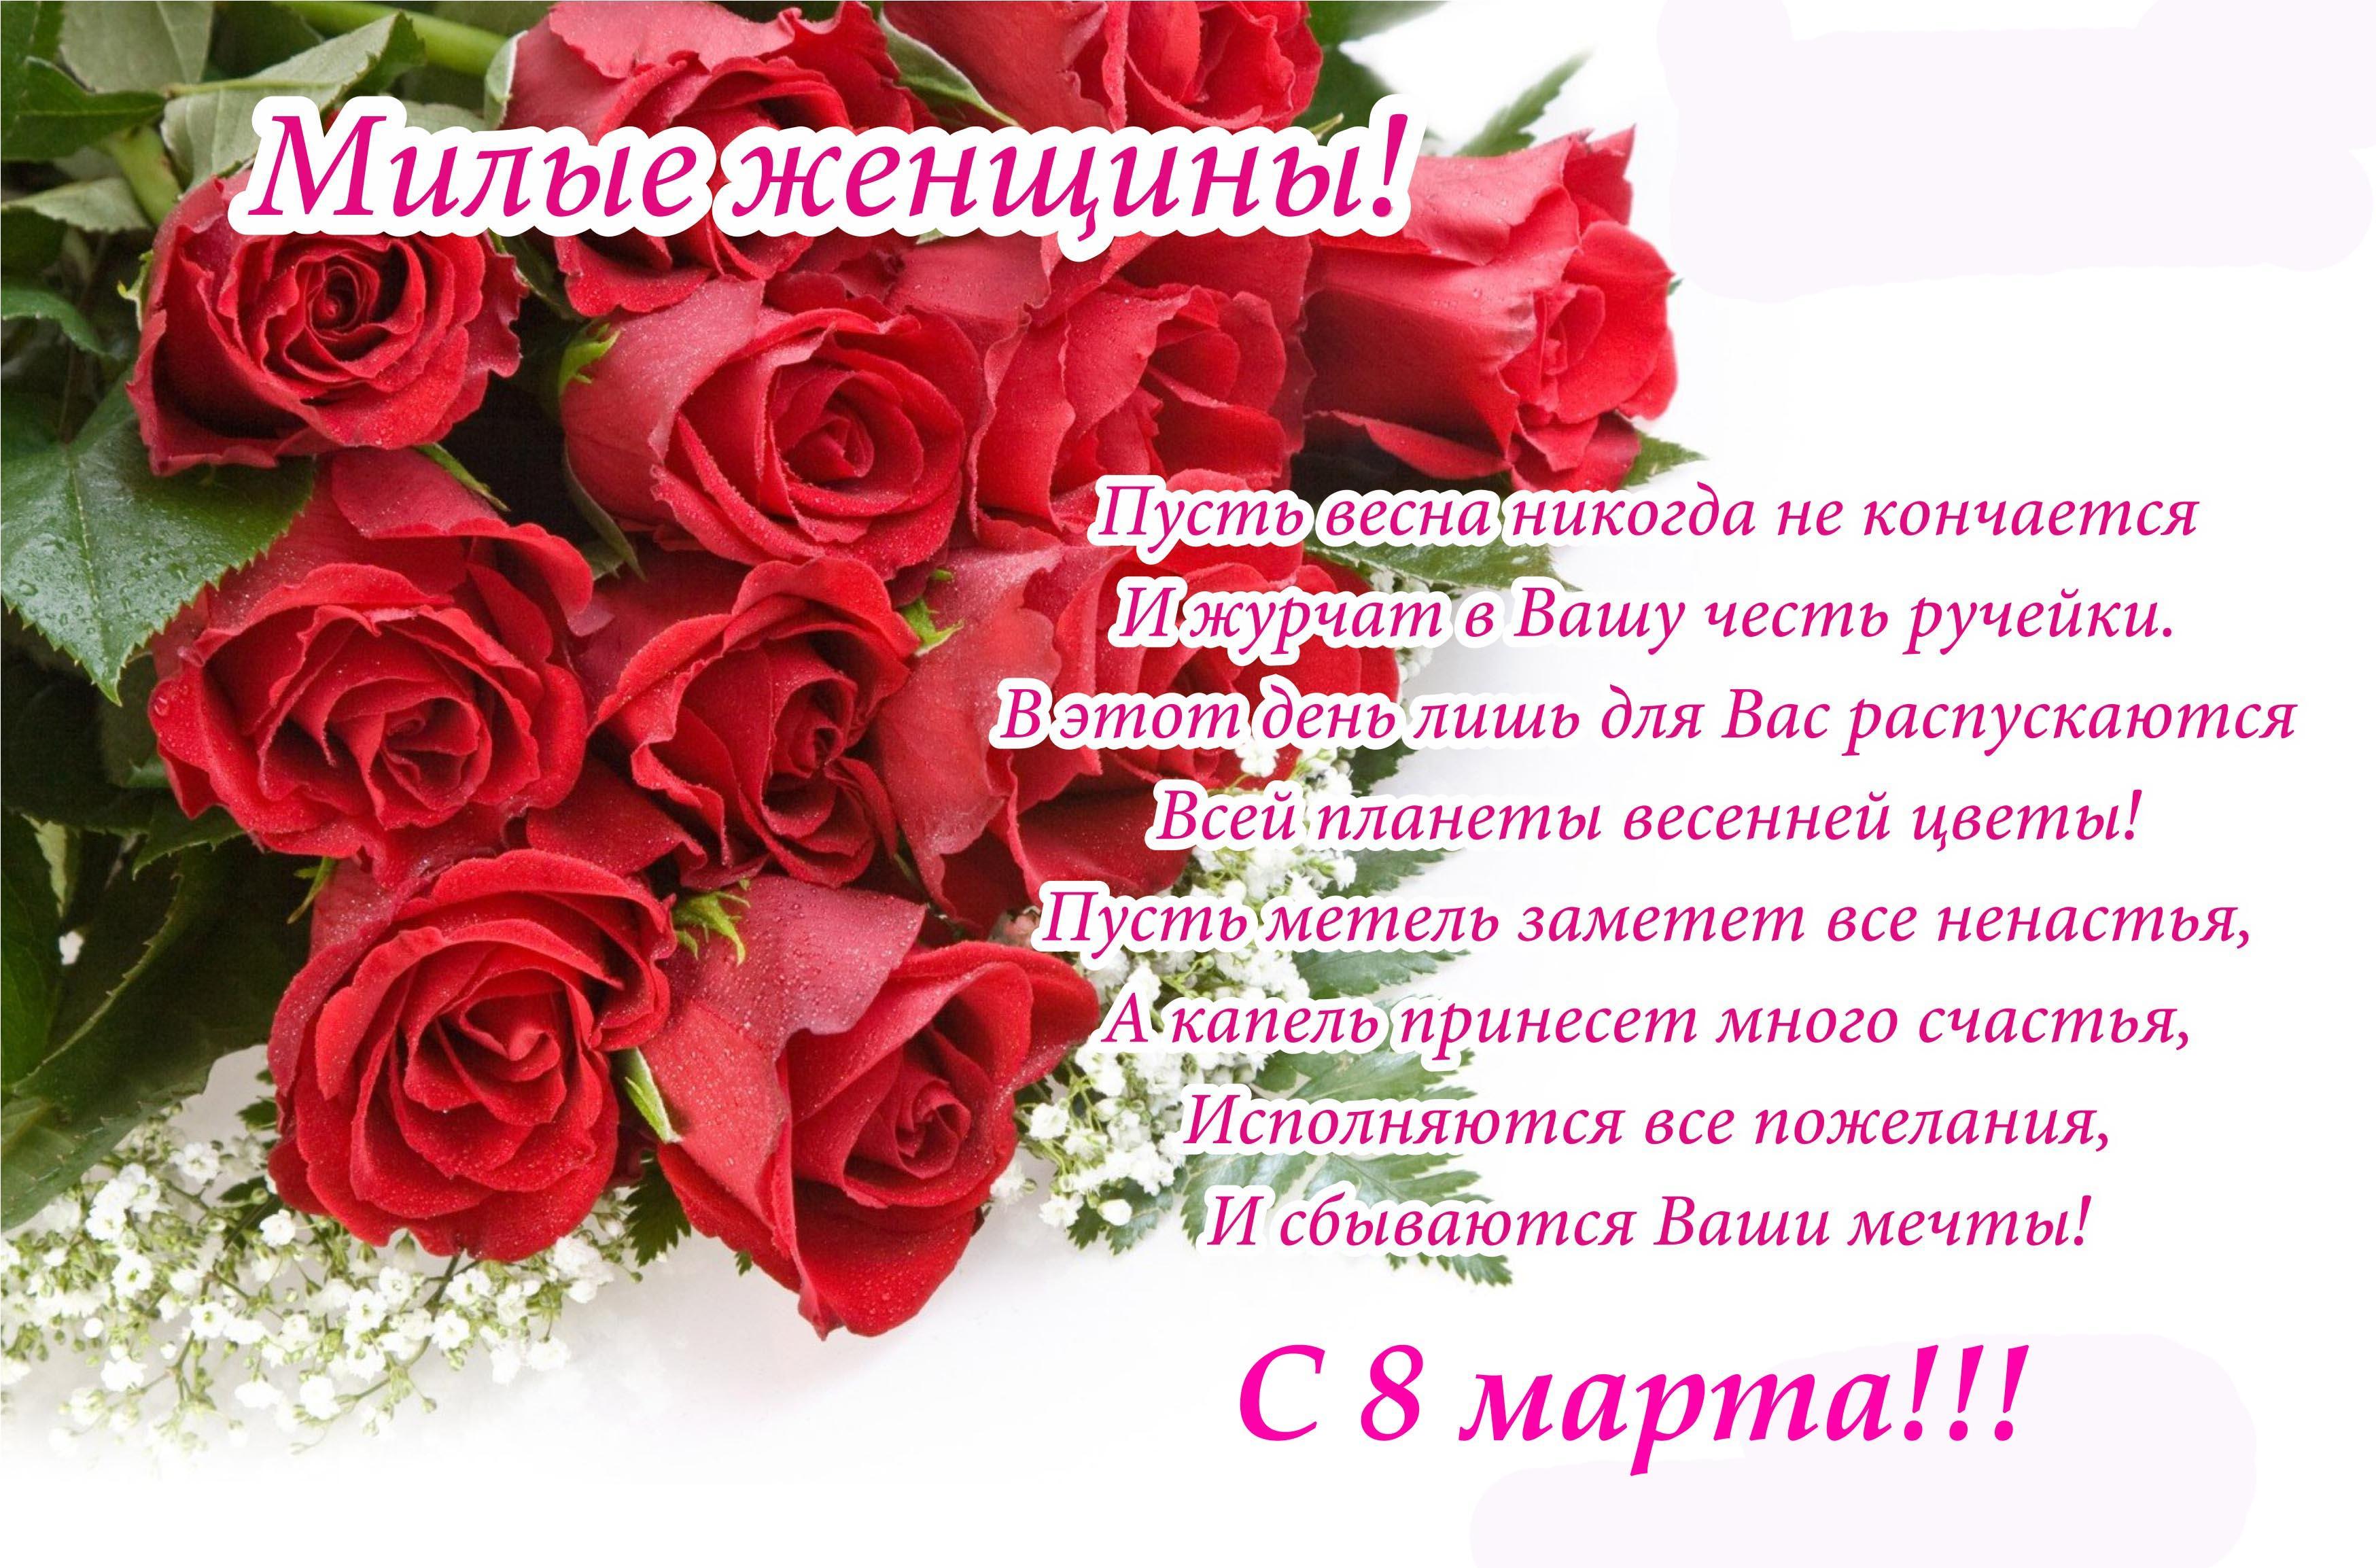 стихи женский день одна тех